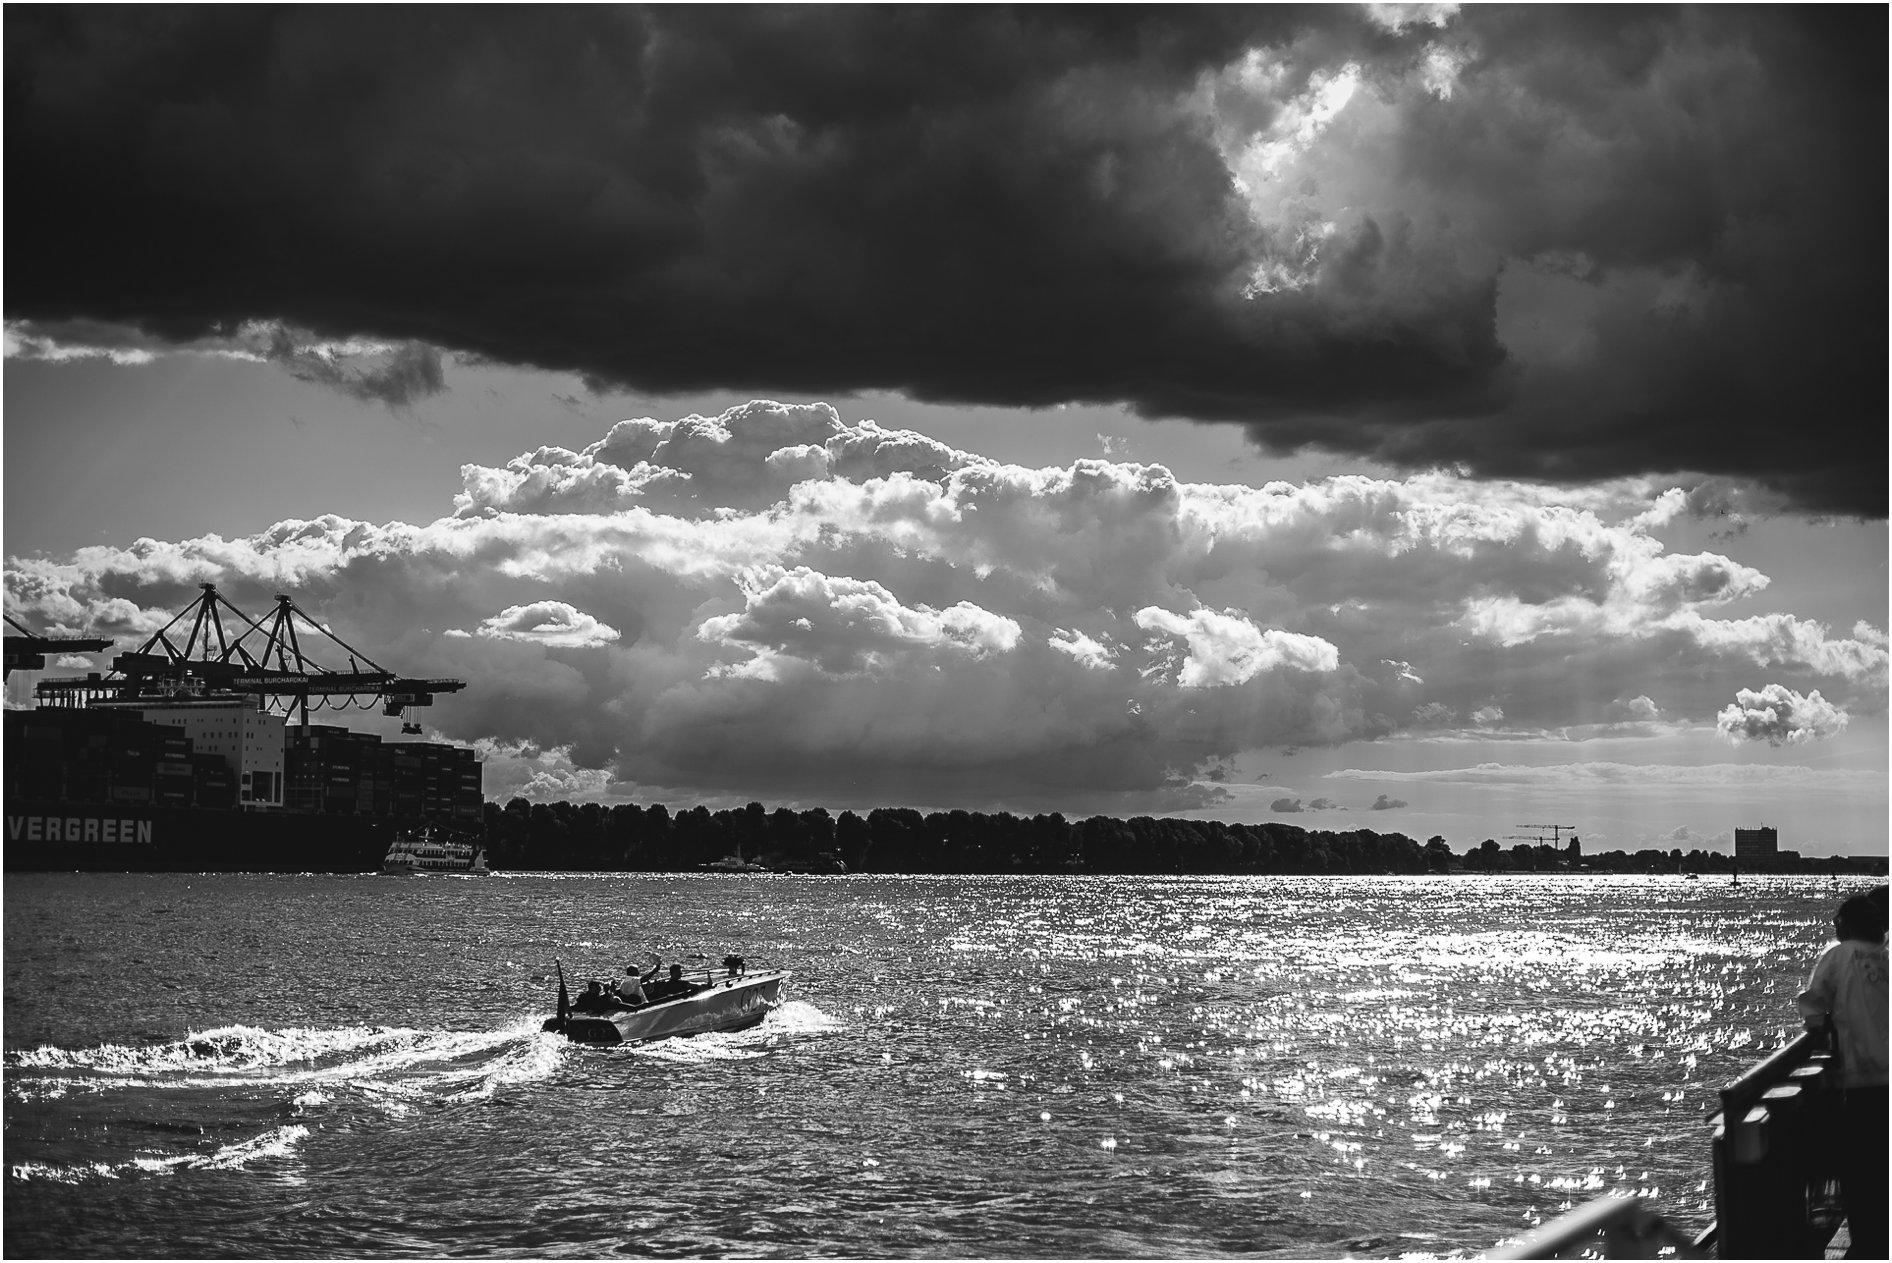 2014-07-16_0314 Über die Elbe mit Sarah & Benny